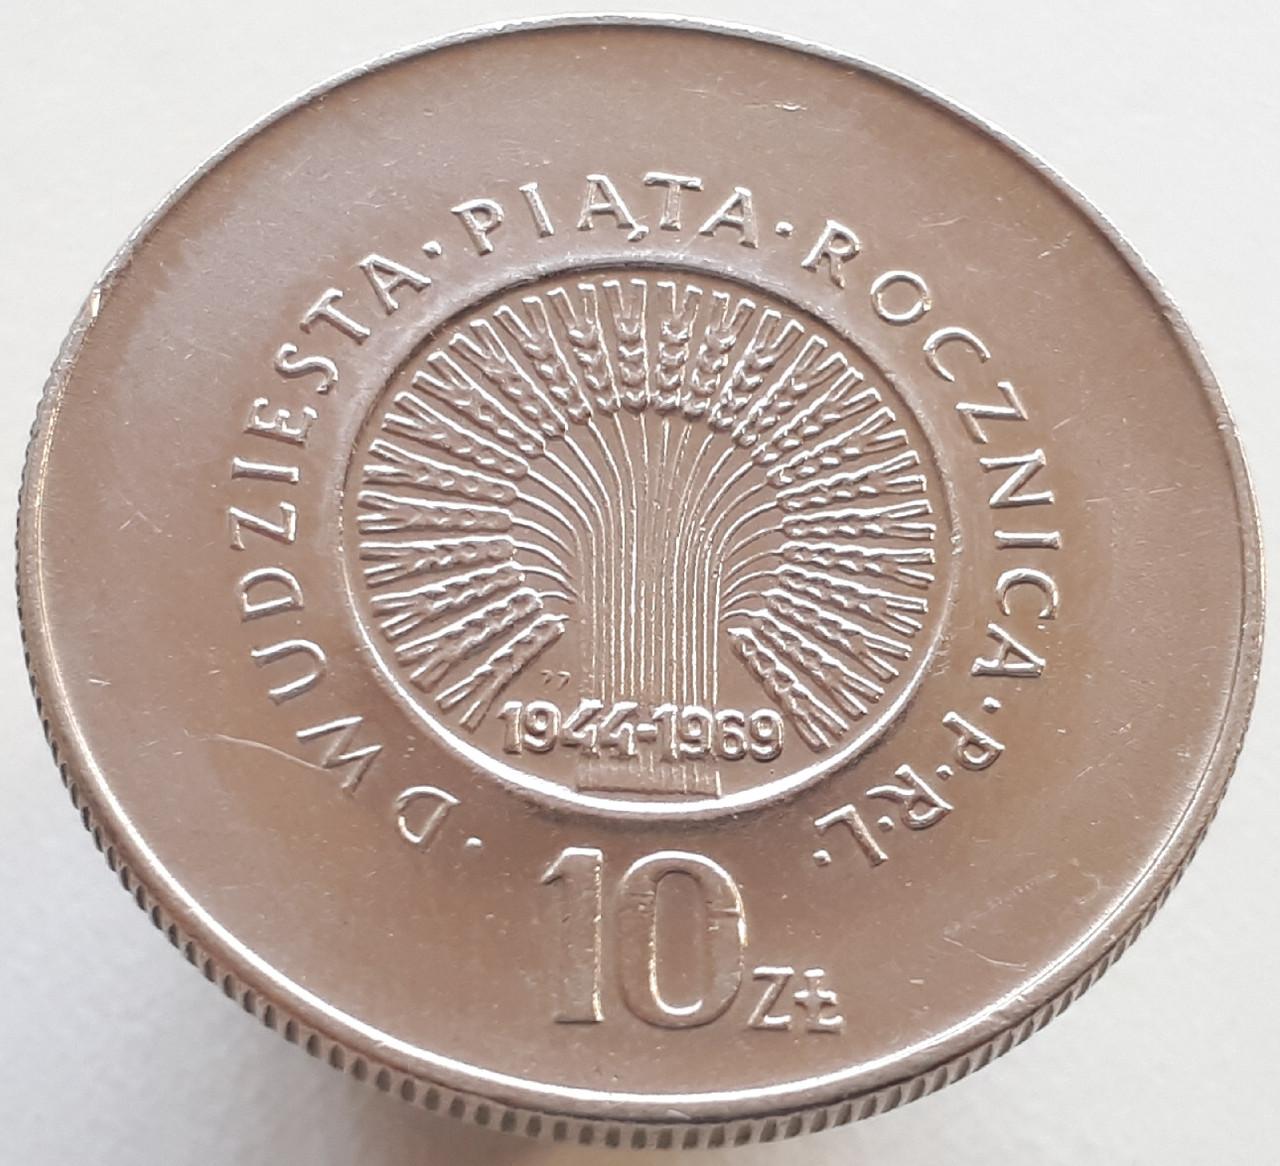 Польша 10 злотых 1969 - 25 лет с момента образования Польской Народной Республики